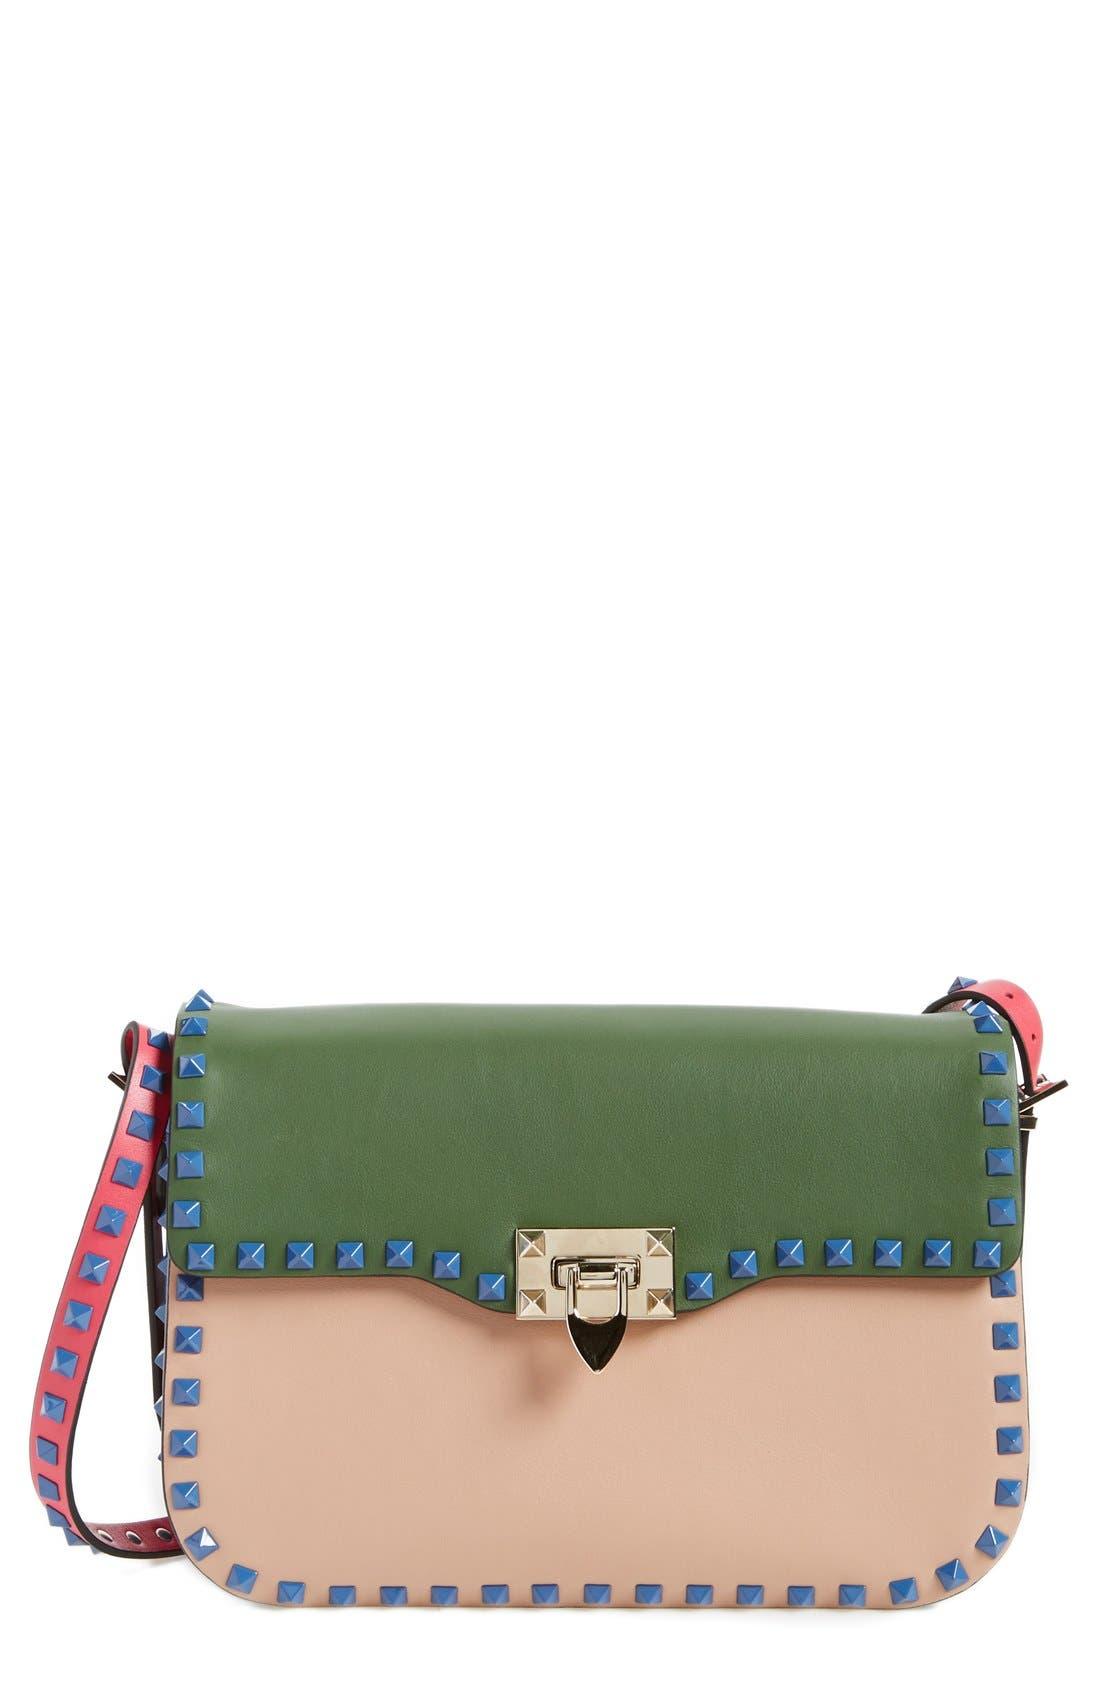 Main Image - Valentino 'Rockstud' Colorblock Shoulder Bag